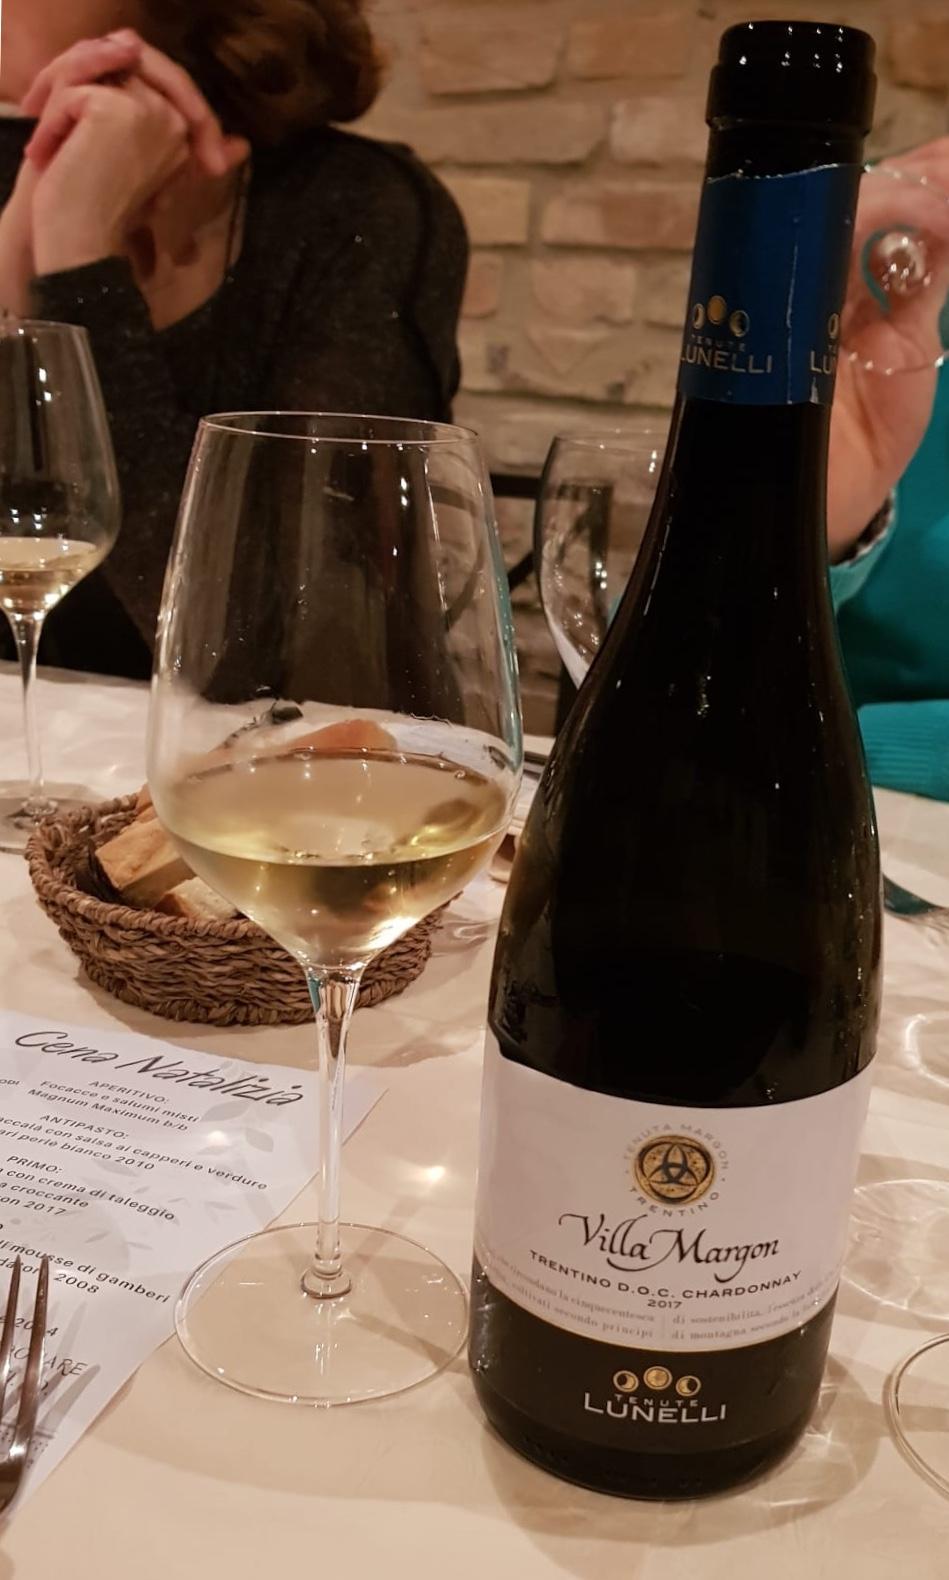 Villa Margon, cantine Lunelli, chardonnay, ricordo della mia cena di Natale ais 2019 con Ruben Larentis